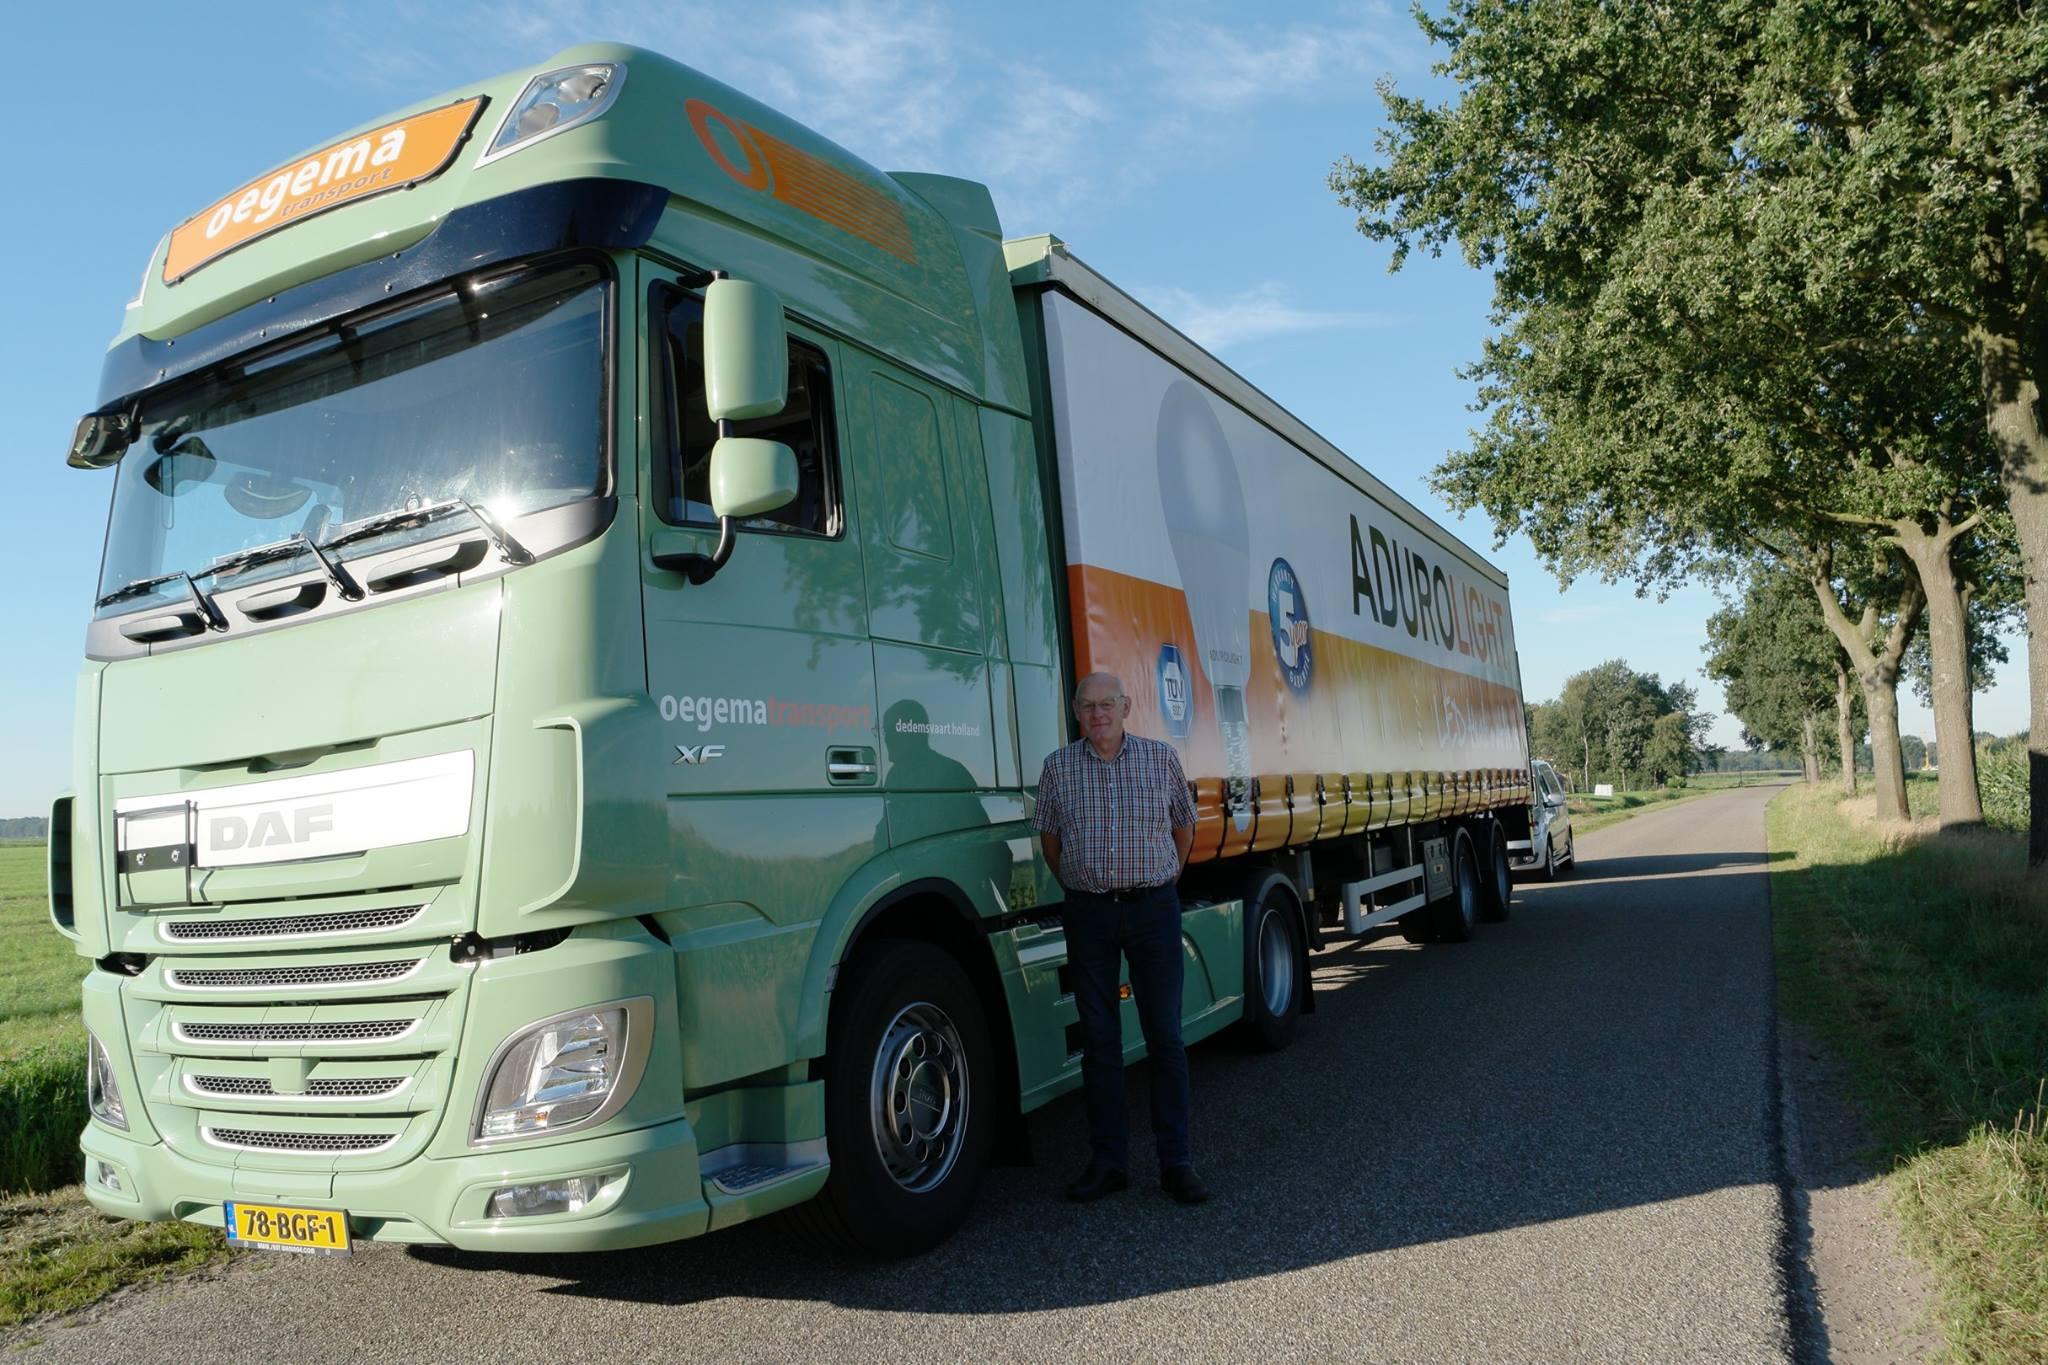 Maandag-12-November-was-Johan-Kremer-jarig.-73-jaar-en-nog-elke-dag-is-Johan-bij-ons-bezig-met-het-halen-brengen-van-trucks--opleggers-naar-dealers-of-verhuur-2